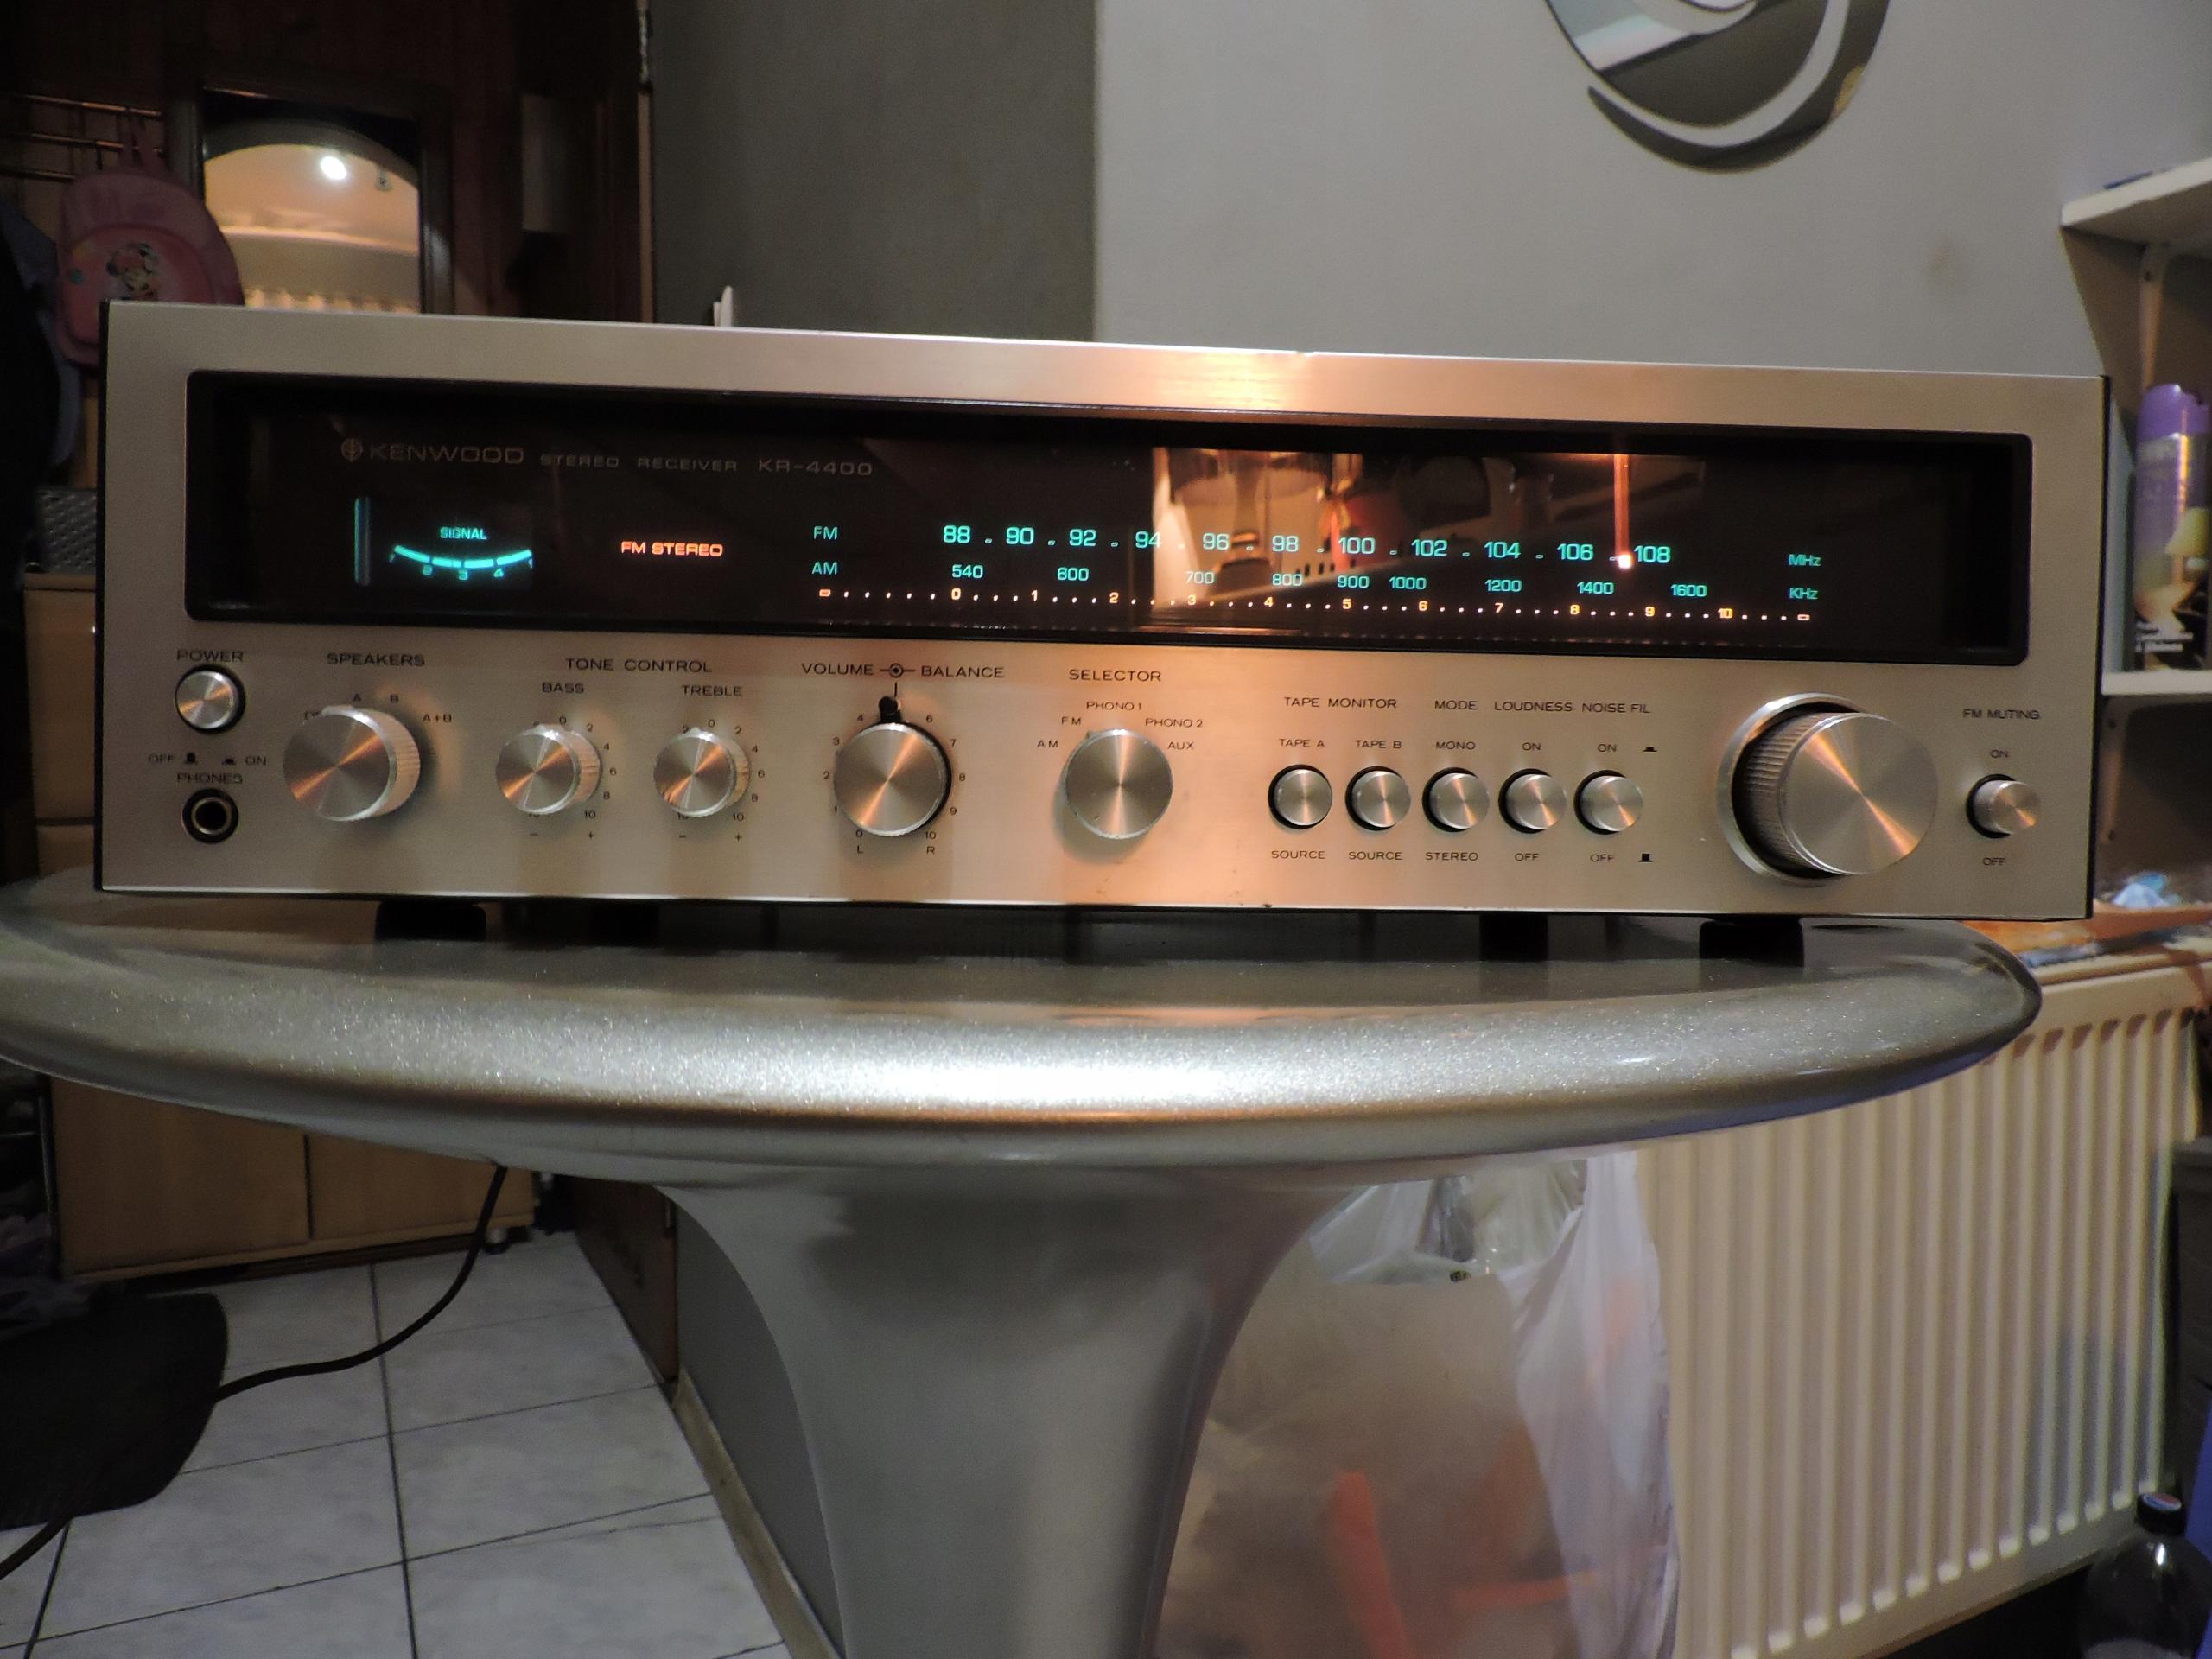 Amplituner Kenwood KR-4400